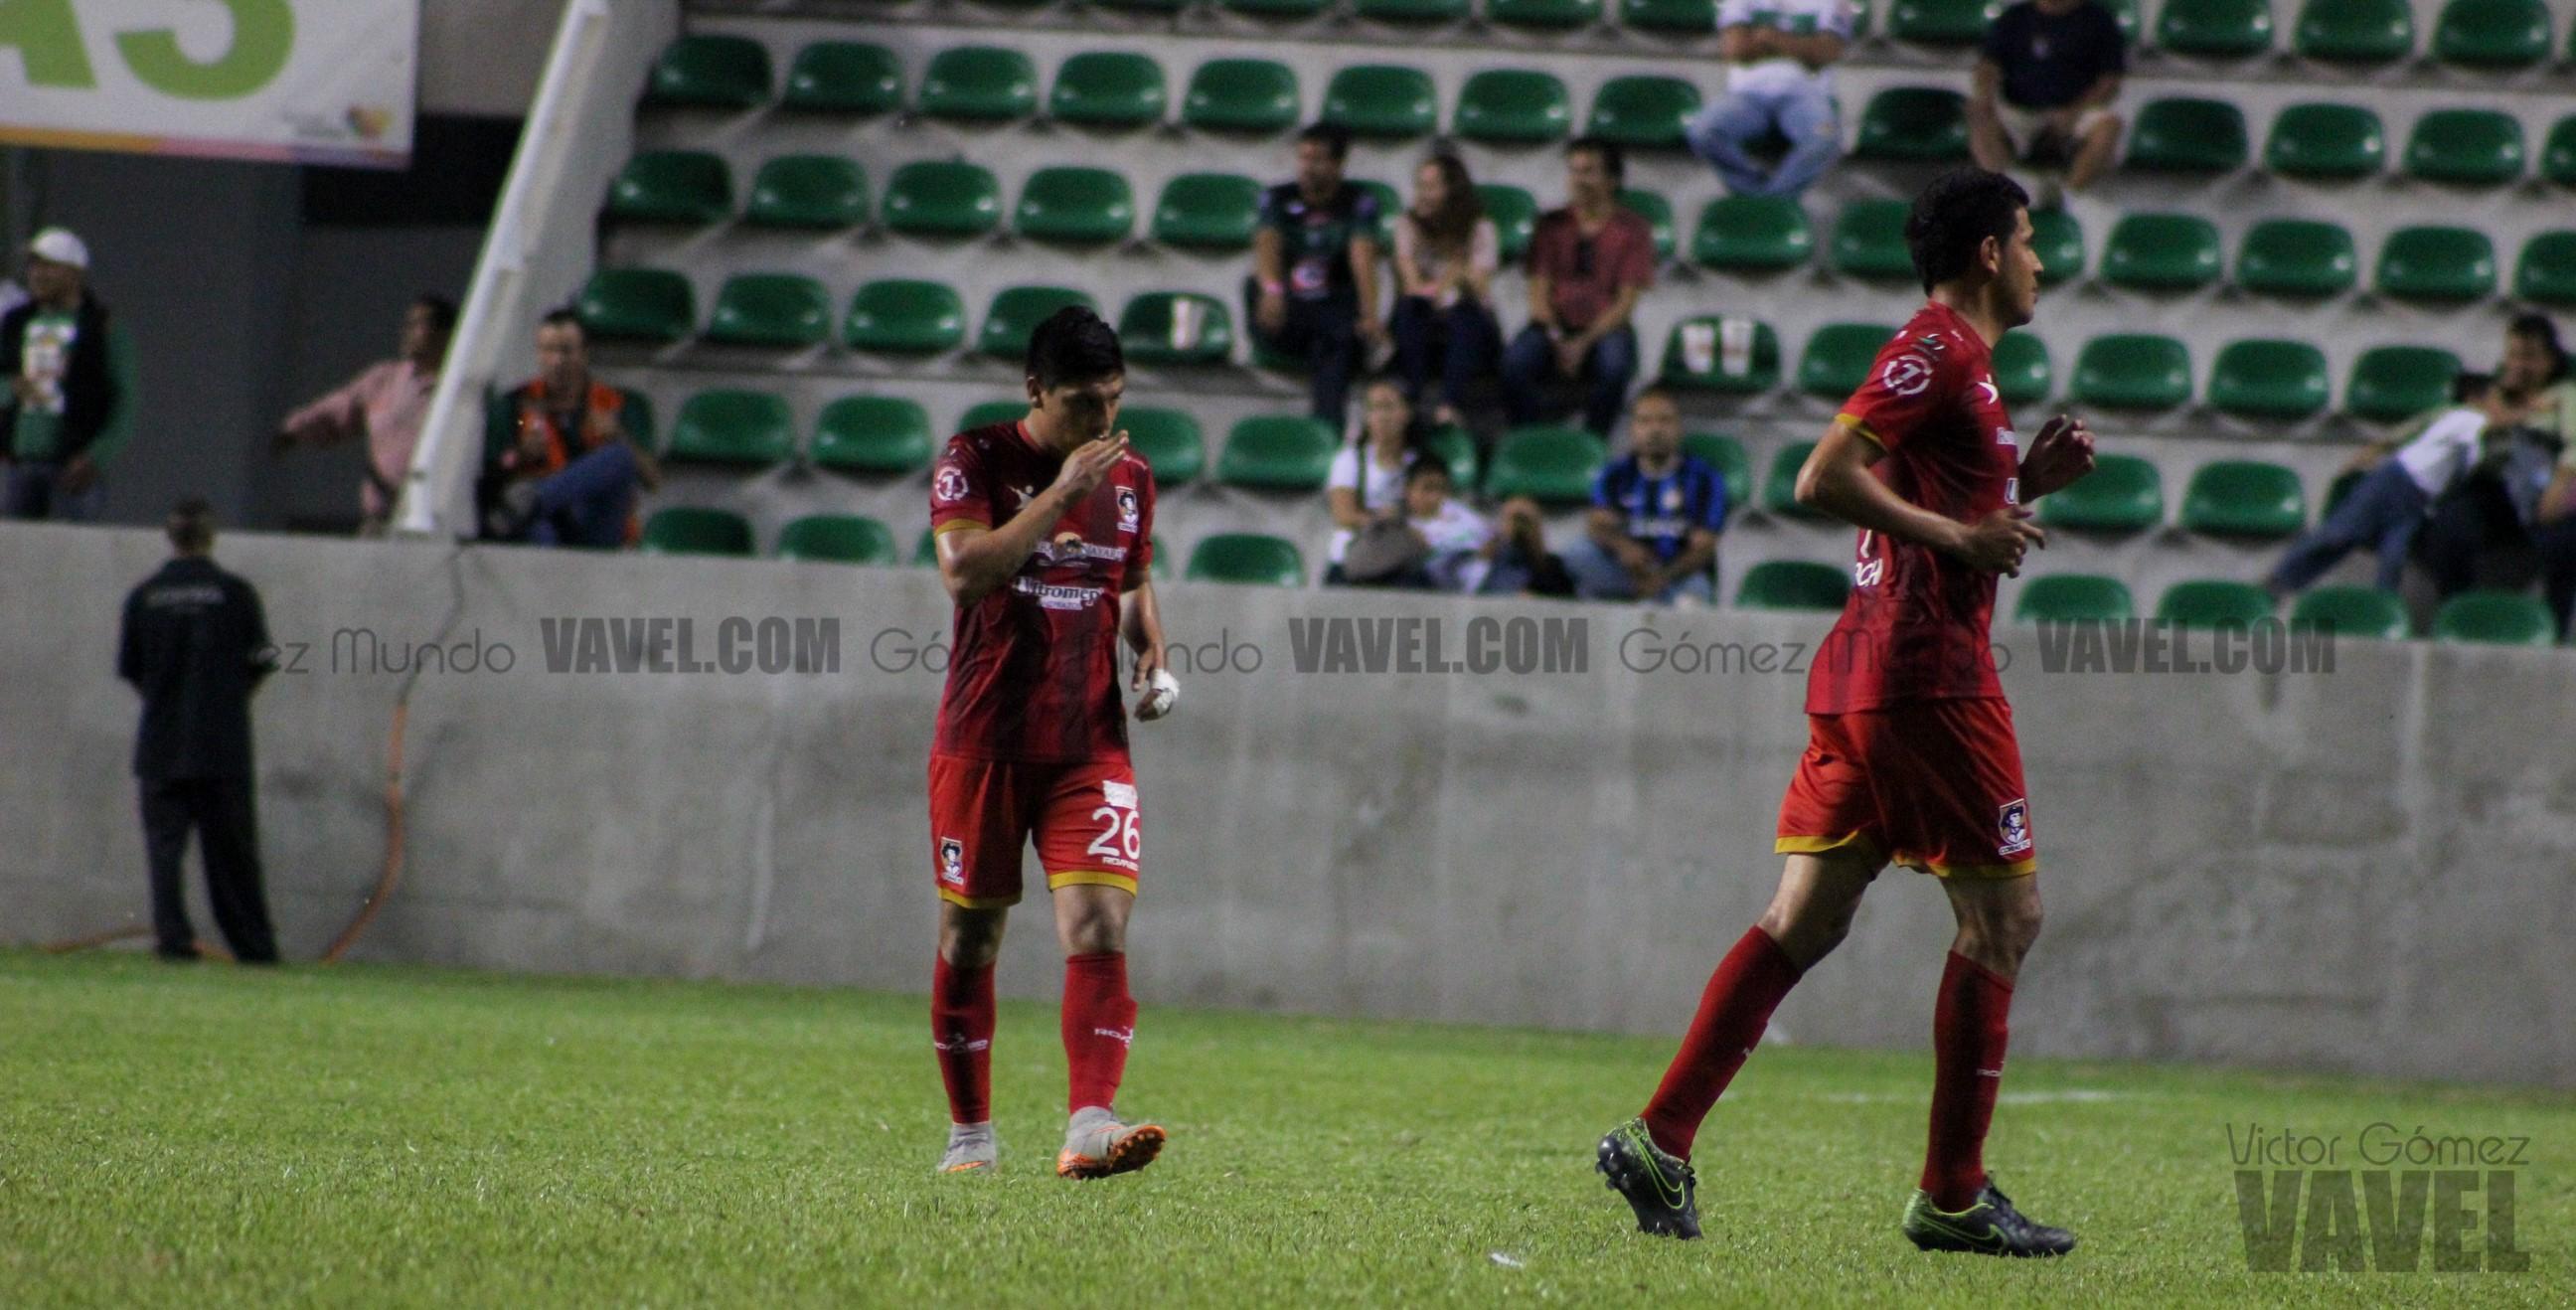 (Carlos Esparza decretó el 1-2 en el partido)